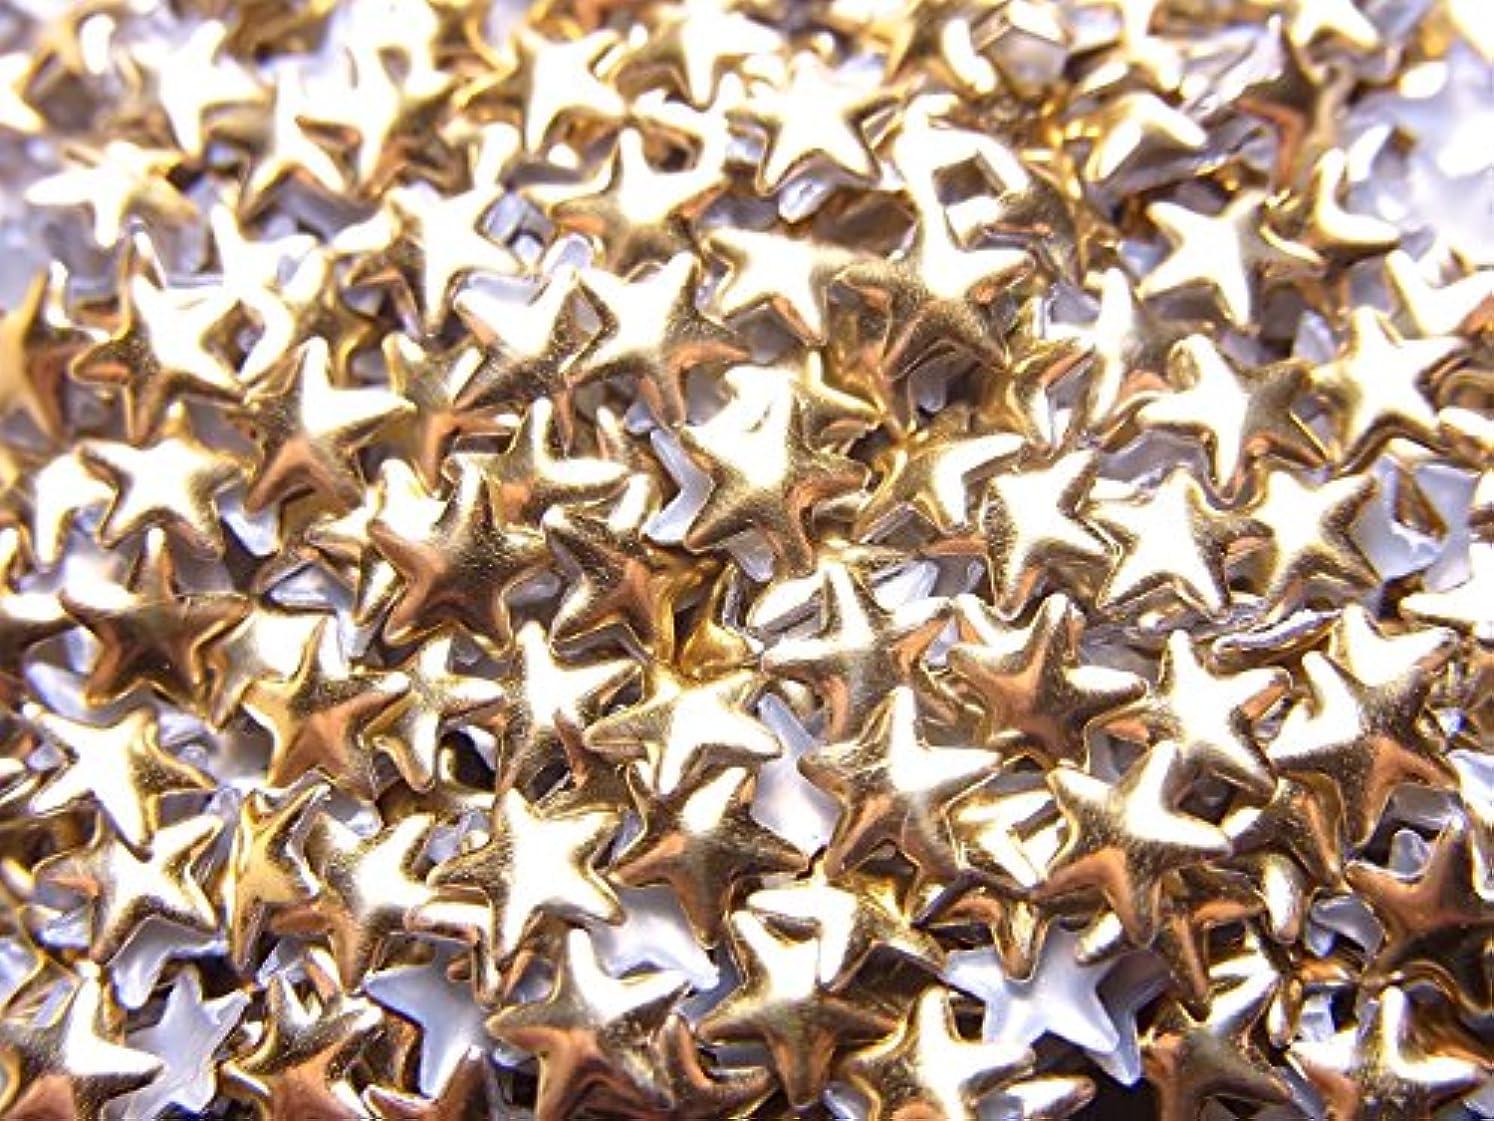 電報限り法的【jewel】スター型(星)メタルスタッズ 4mm ゴールド 約100粒入り